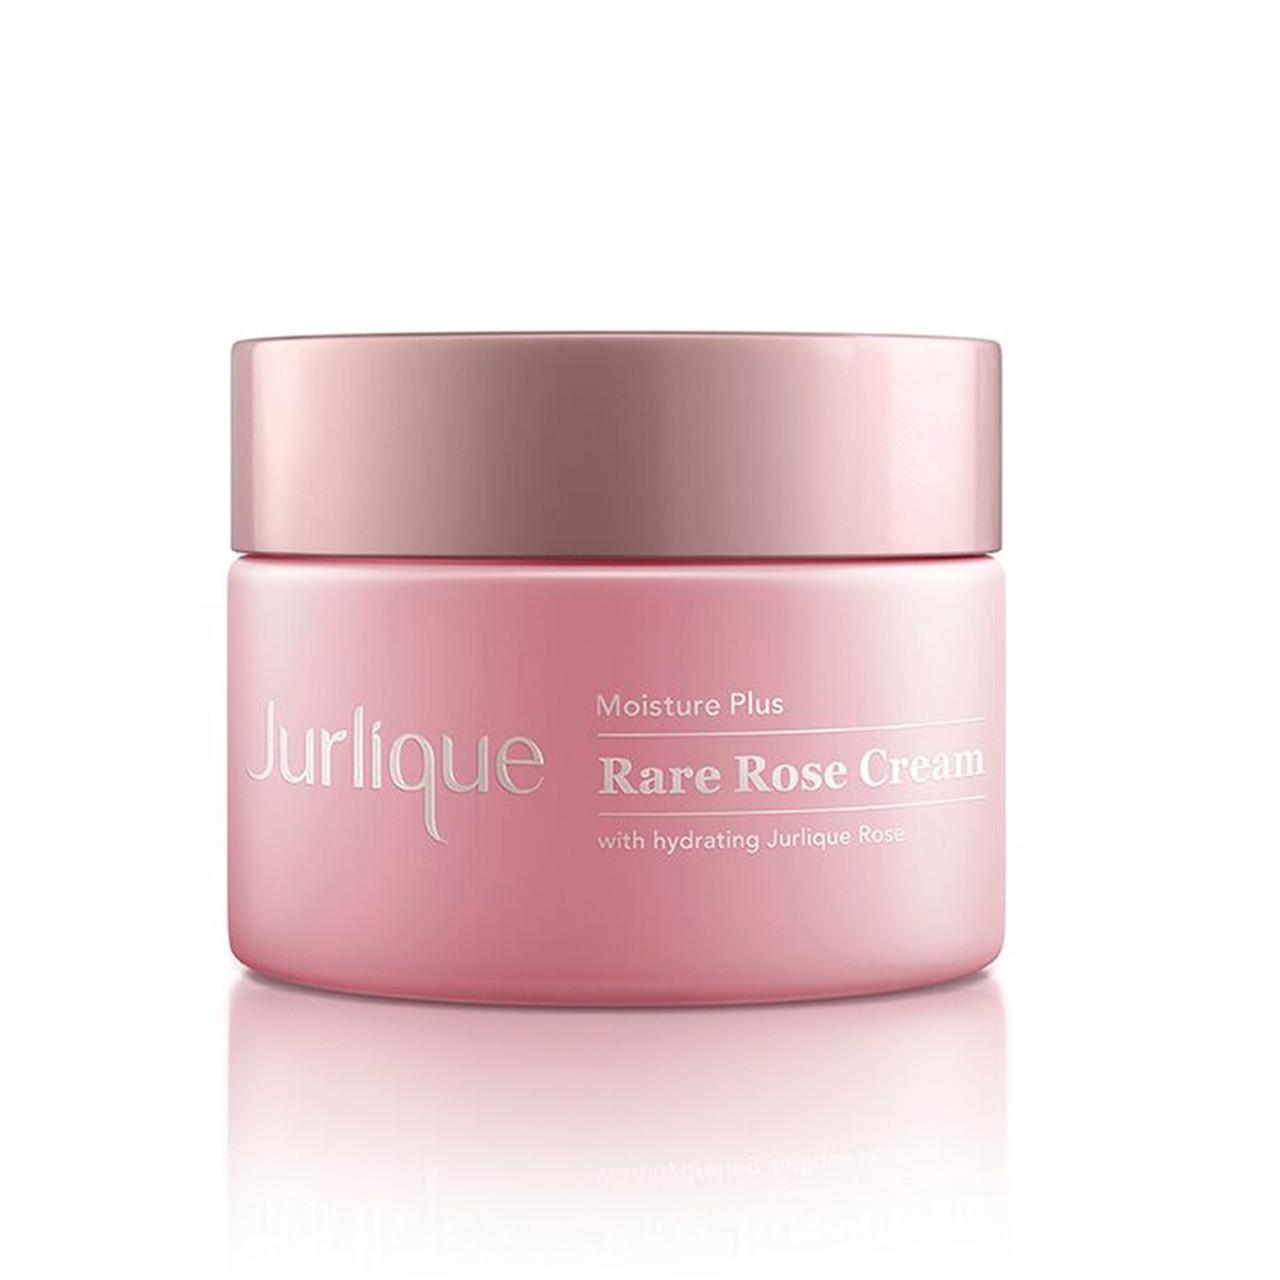 Jurlique Moisture Plus Rare Rose Cream BeautifiedYou.com